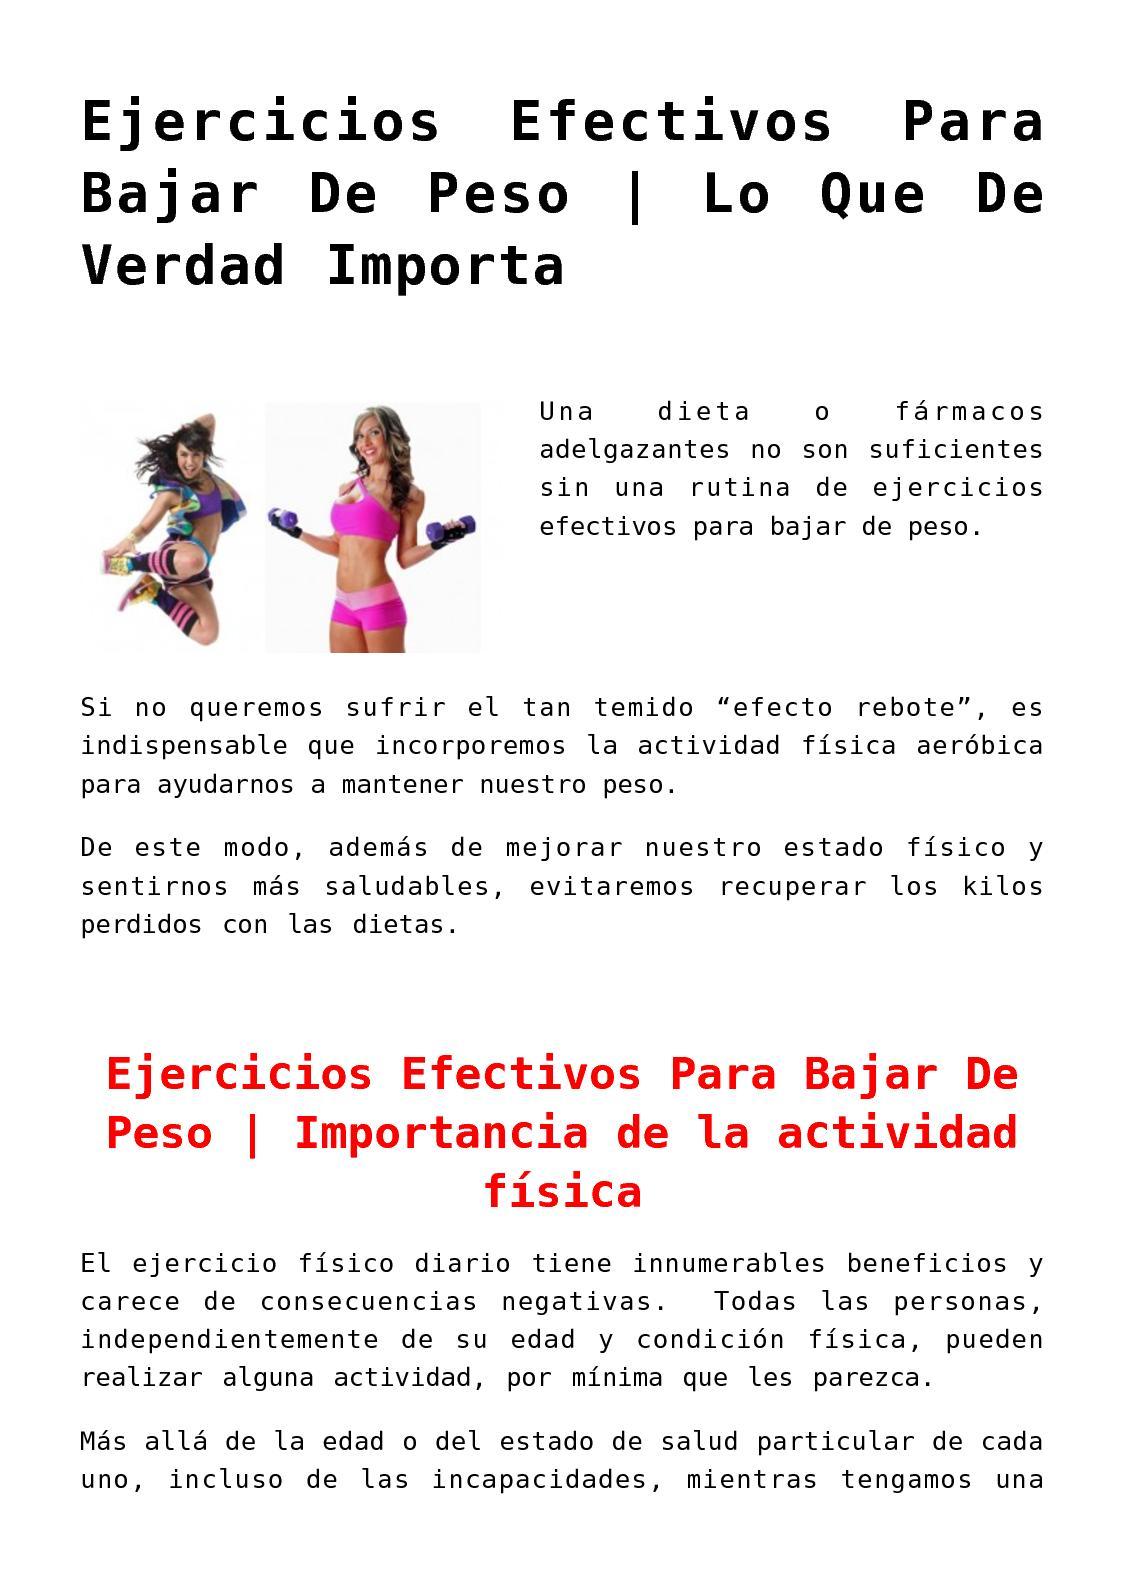 Ejercicios mas eficaces para bajar de peso